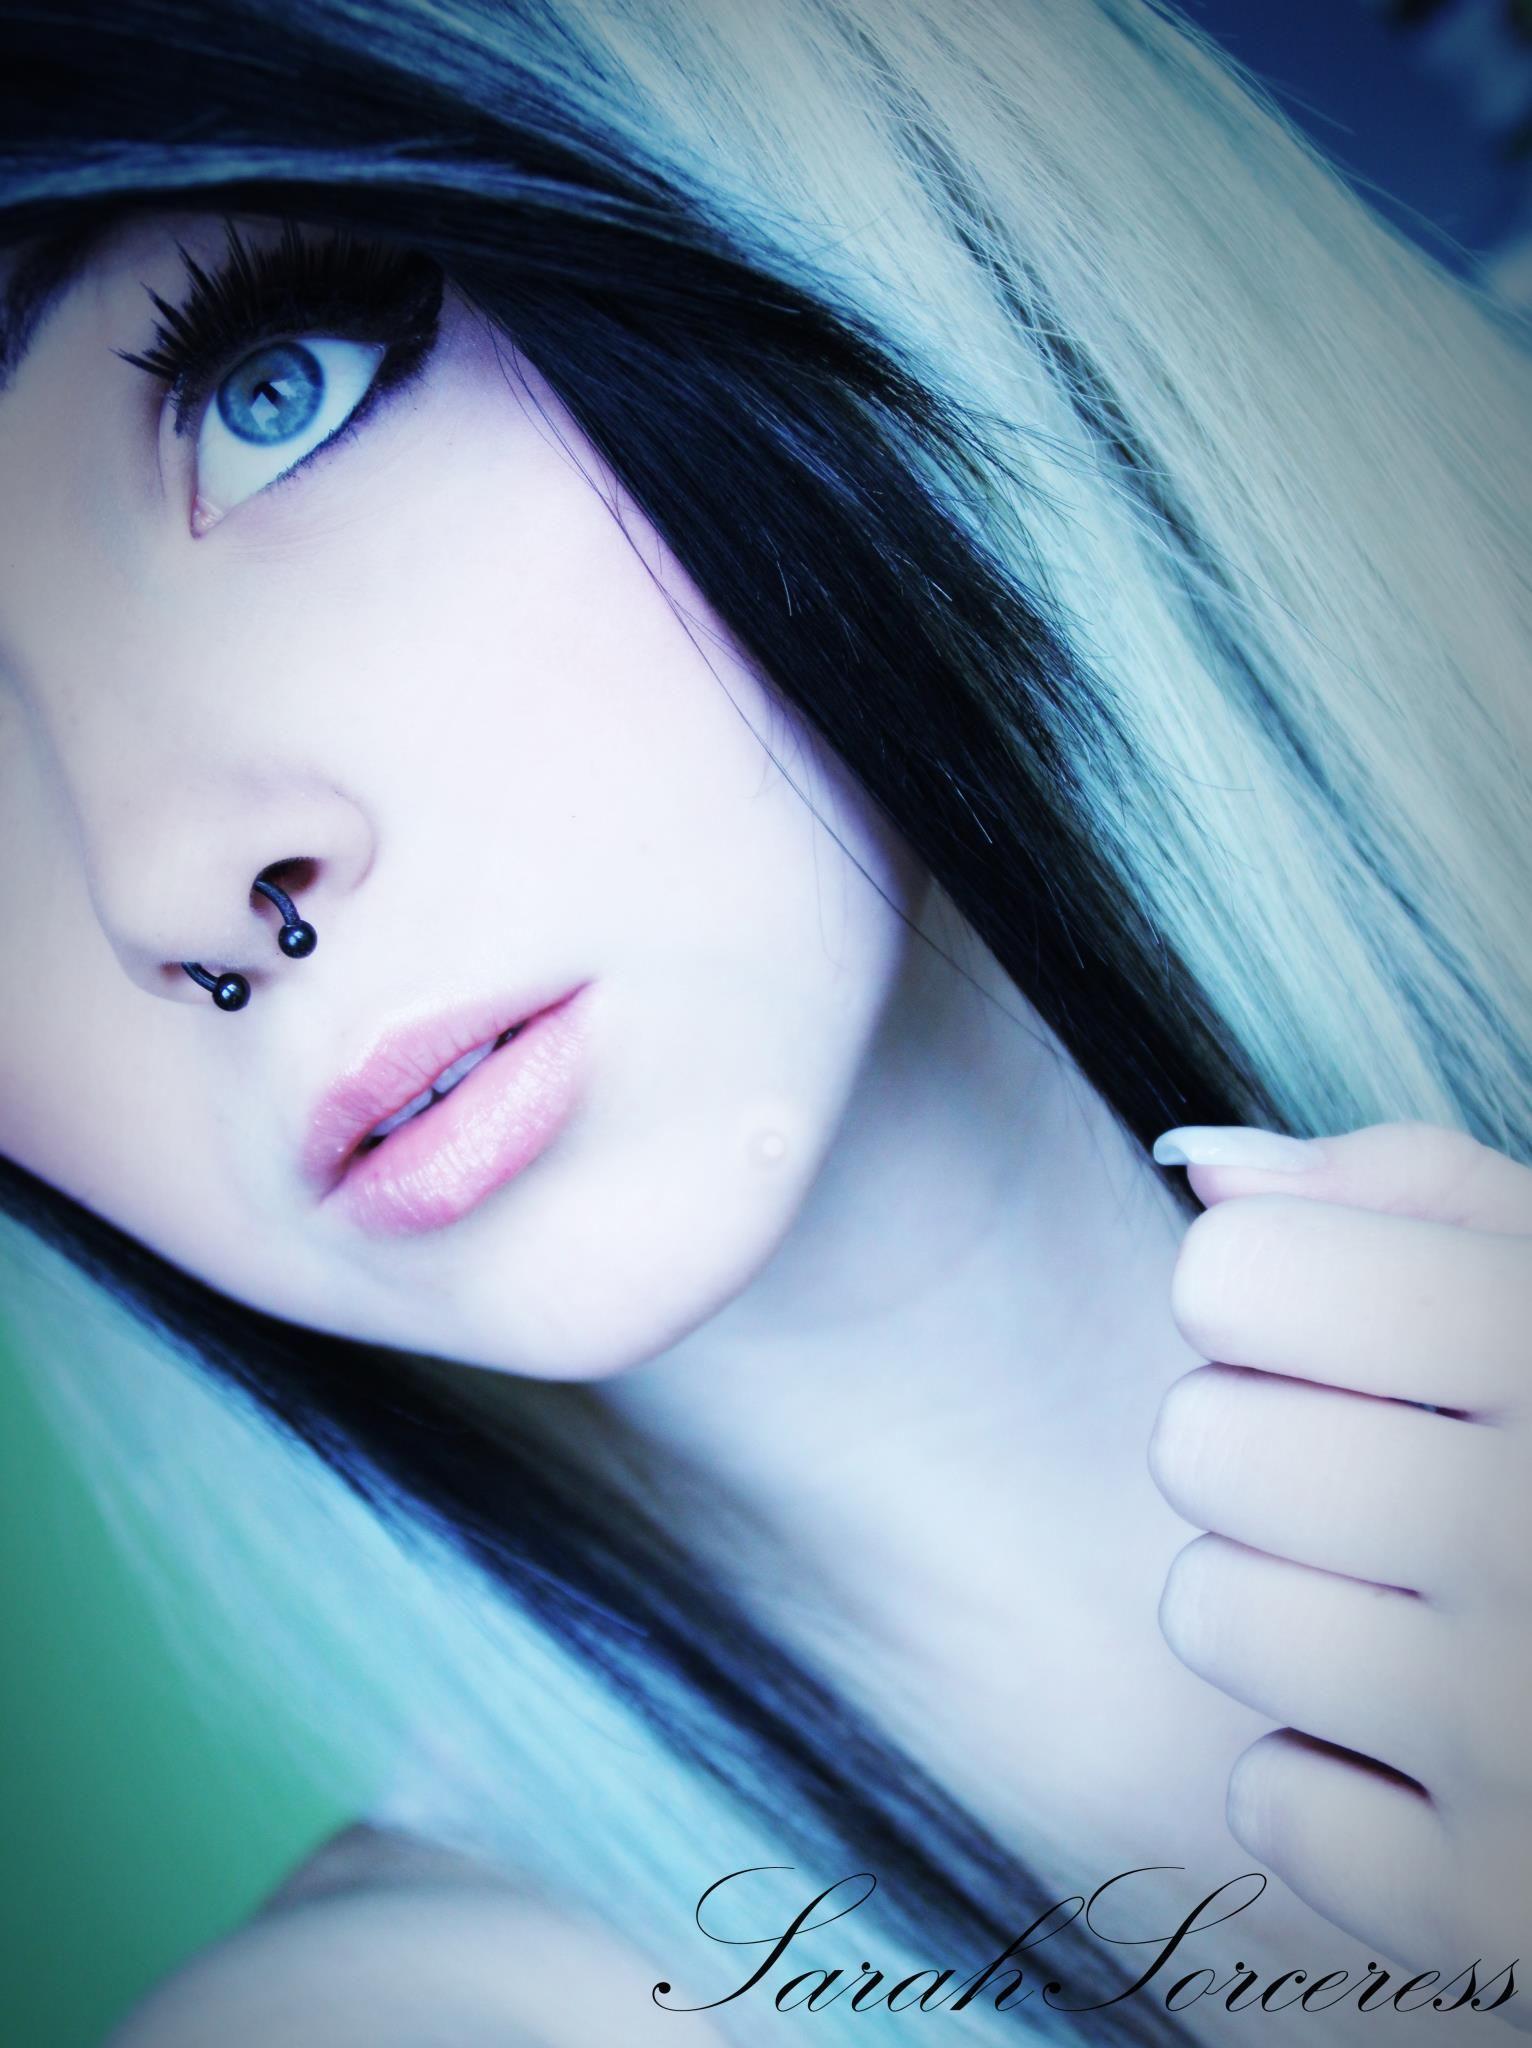 Sarah sorceress sarah sorceress pinterest scene hairstyles and